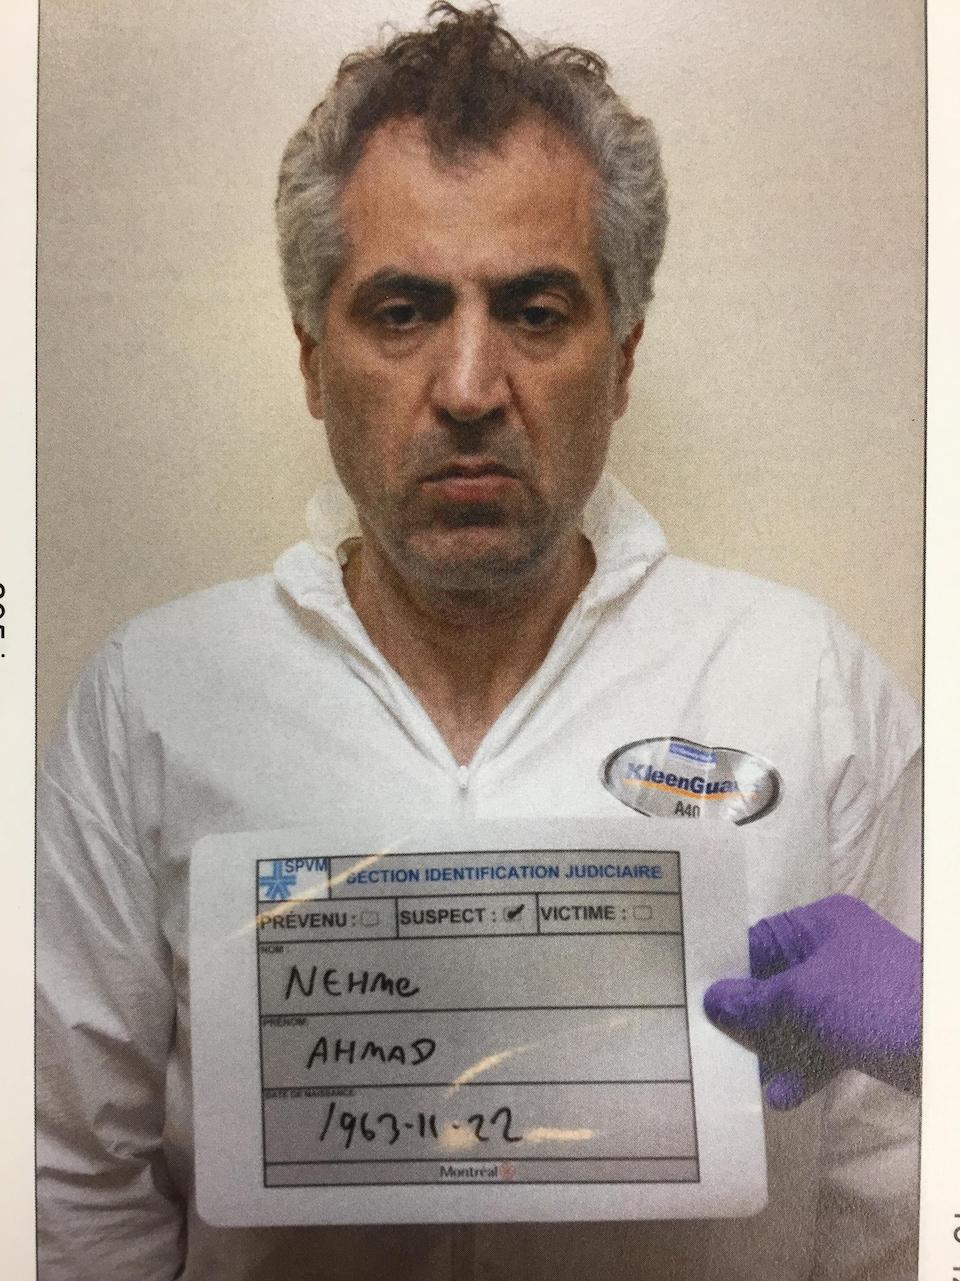 Ahmad Nehme